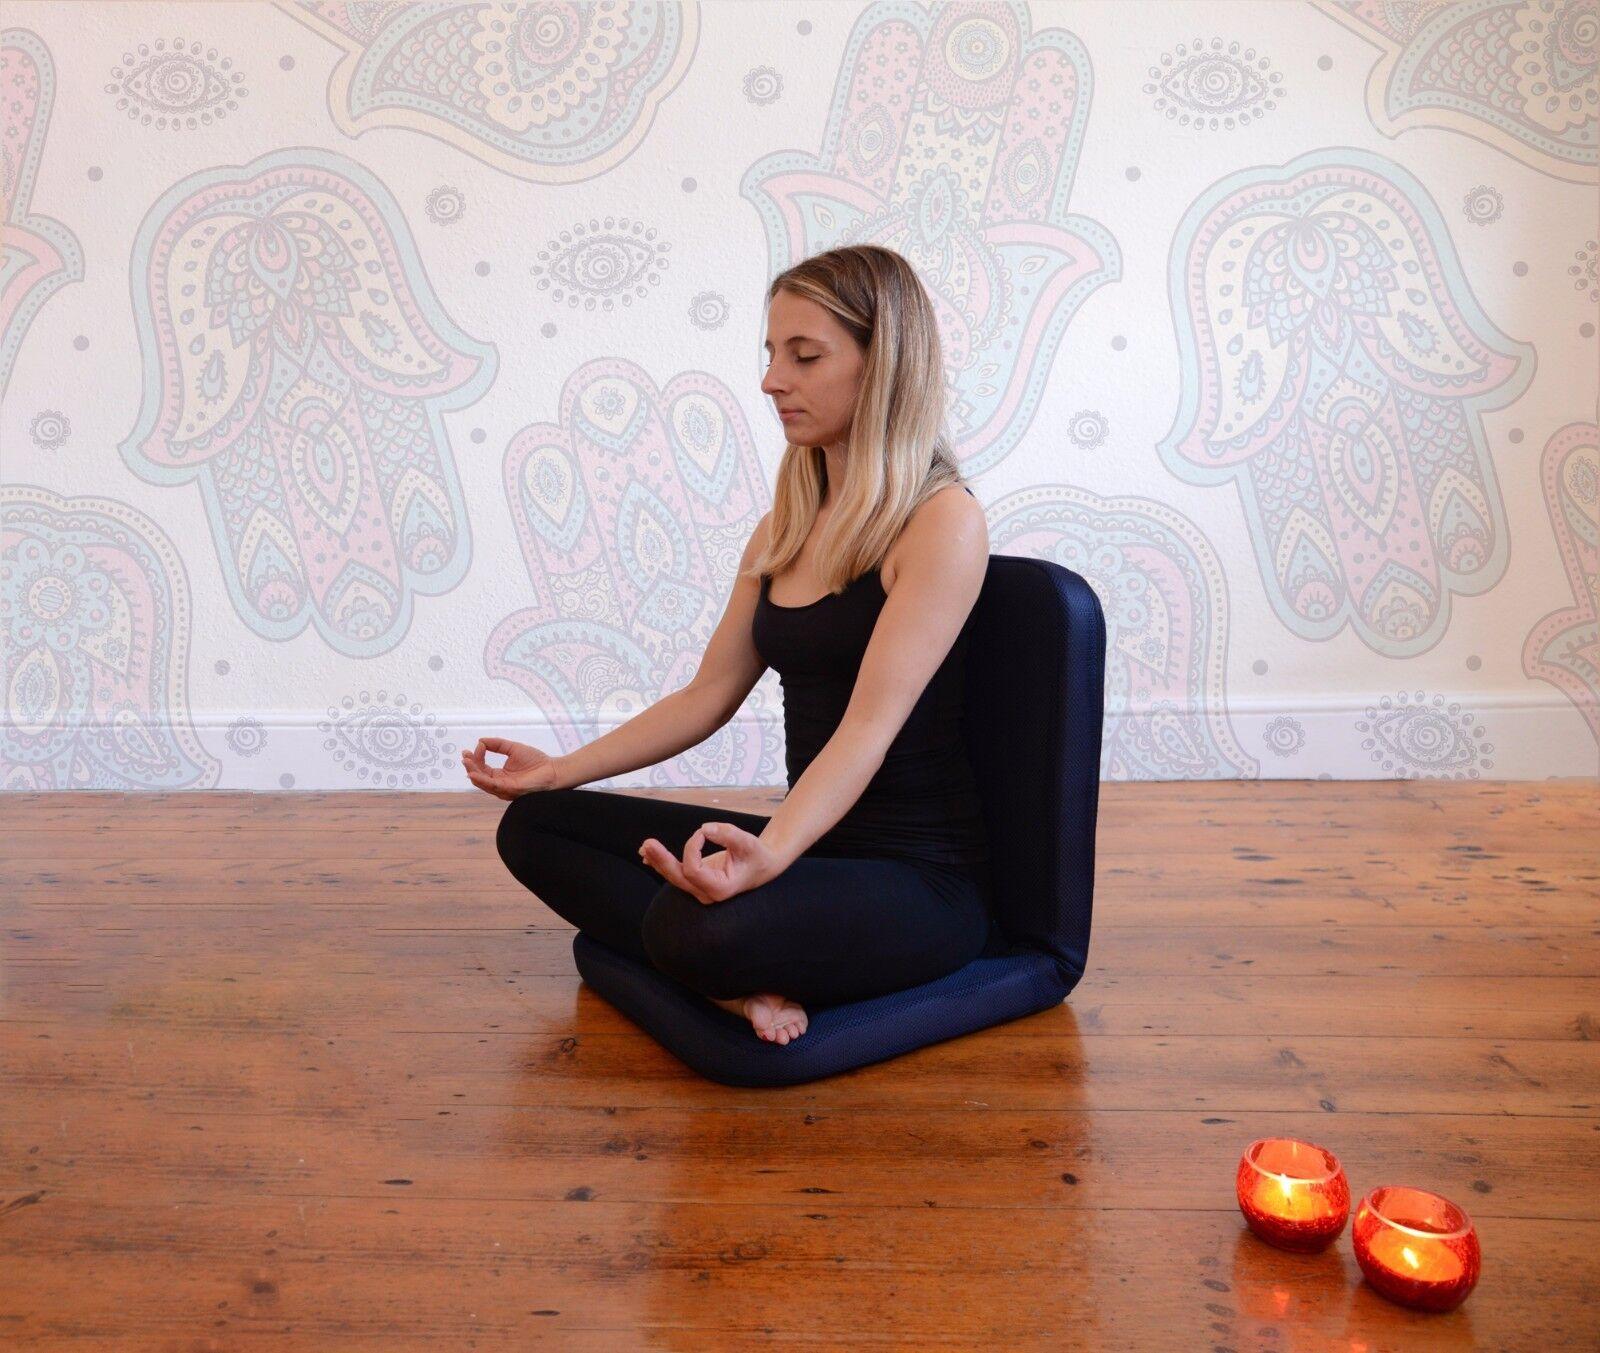 Omlove Navy Pieghevole Sedia Da Yoga Meditazione Pavimento Imbottito Lombare Support Prana